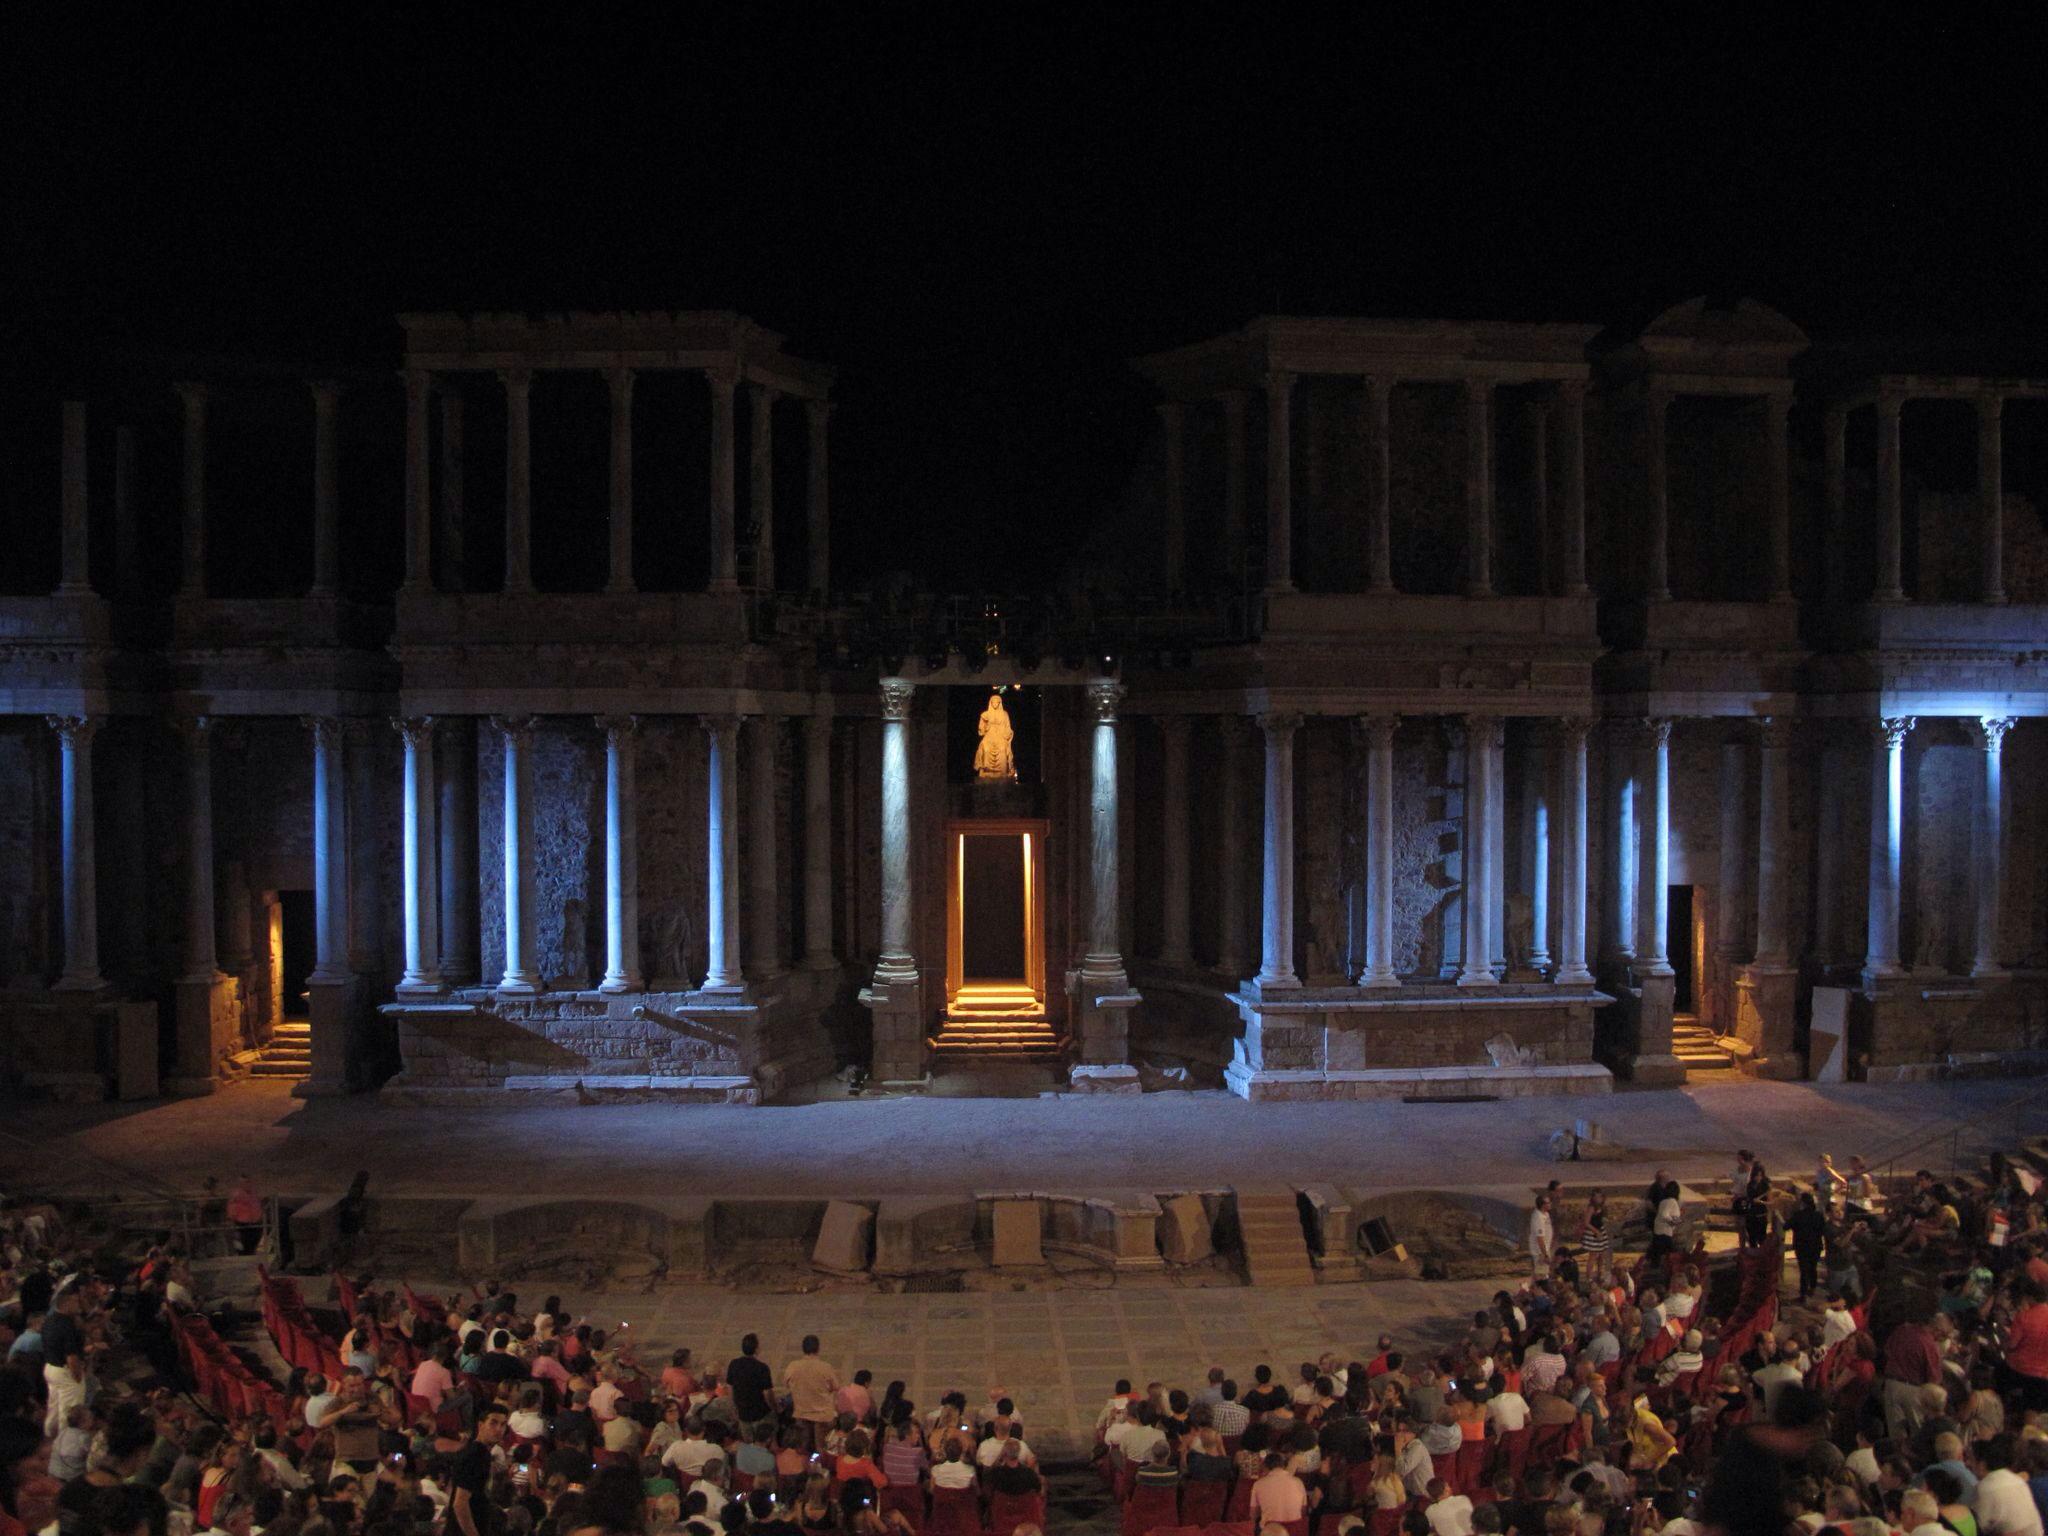 ceres_livia_valva regia_teatro romano_augusto